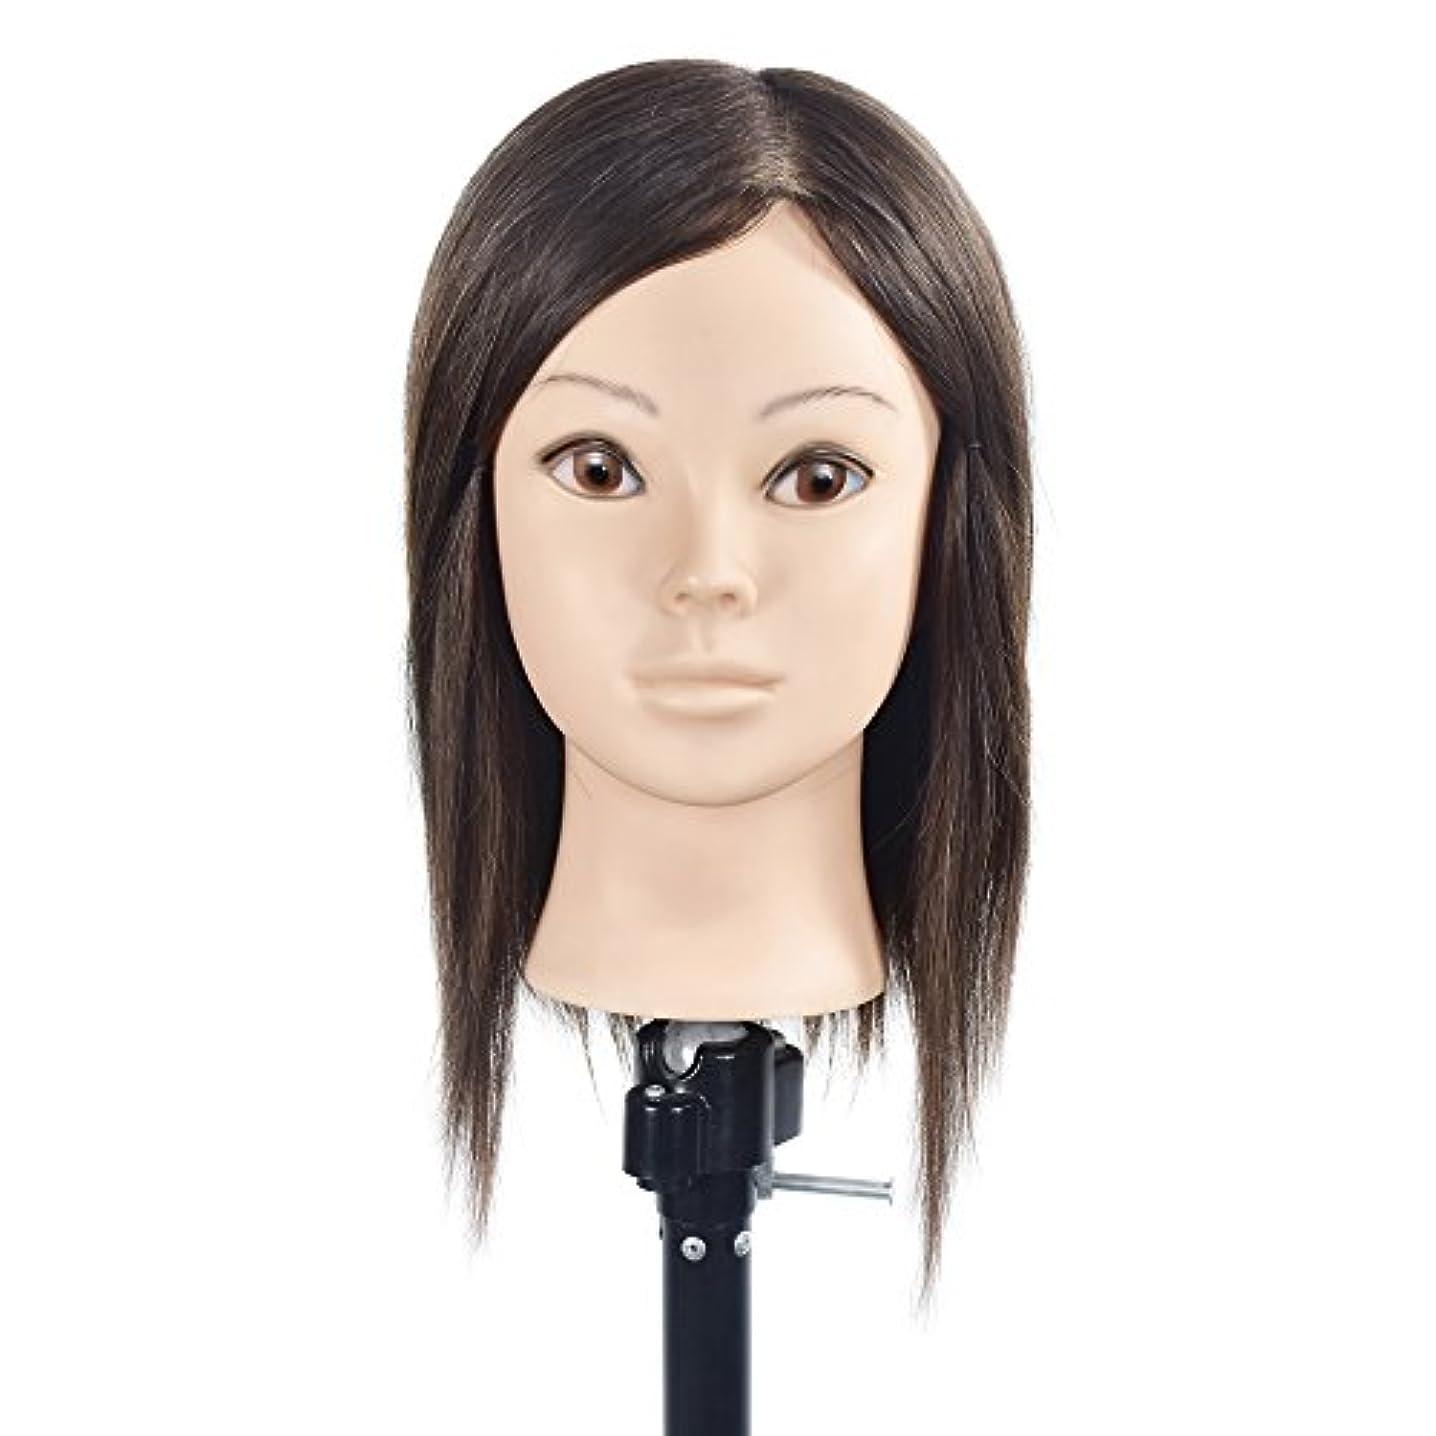 死すべき揃える貯水池トレーニングヘッド美容師100%リアルヒューマンヘアスタイリングマニアックマネキン人形(フリーテーブルクランプ付)